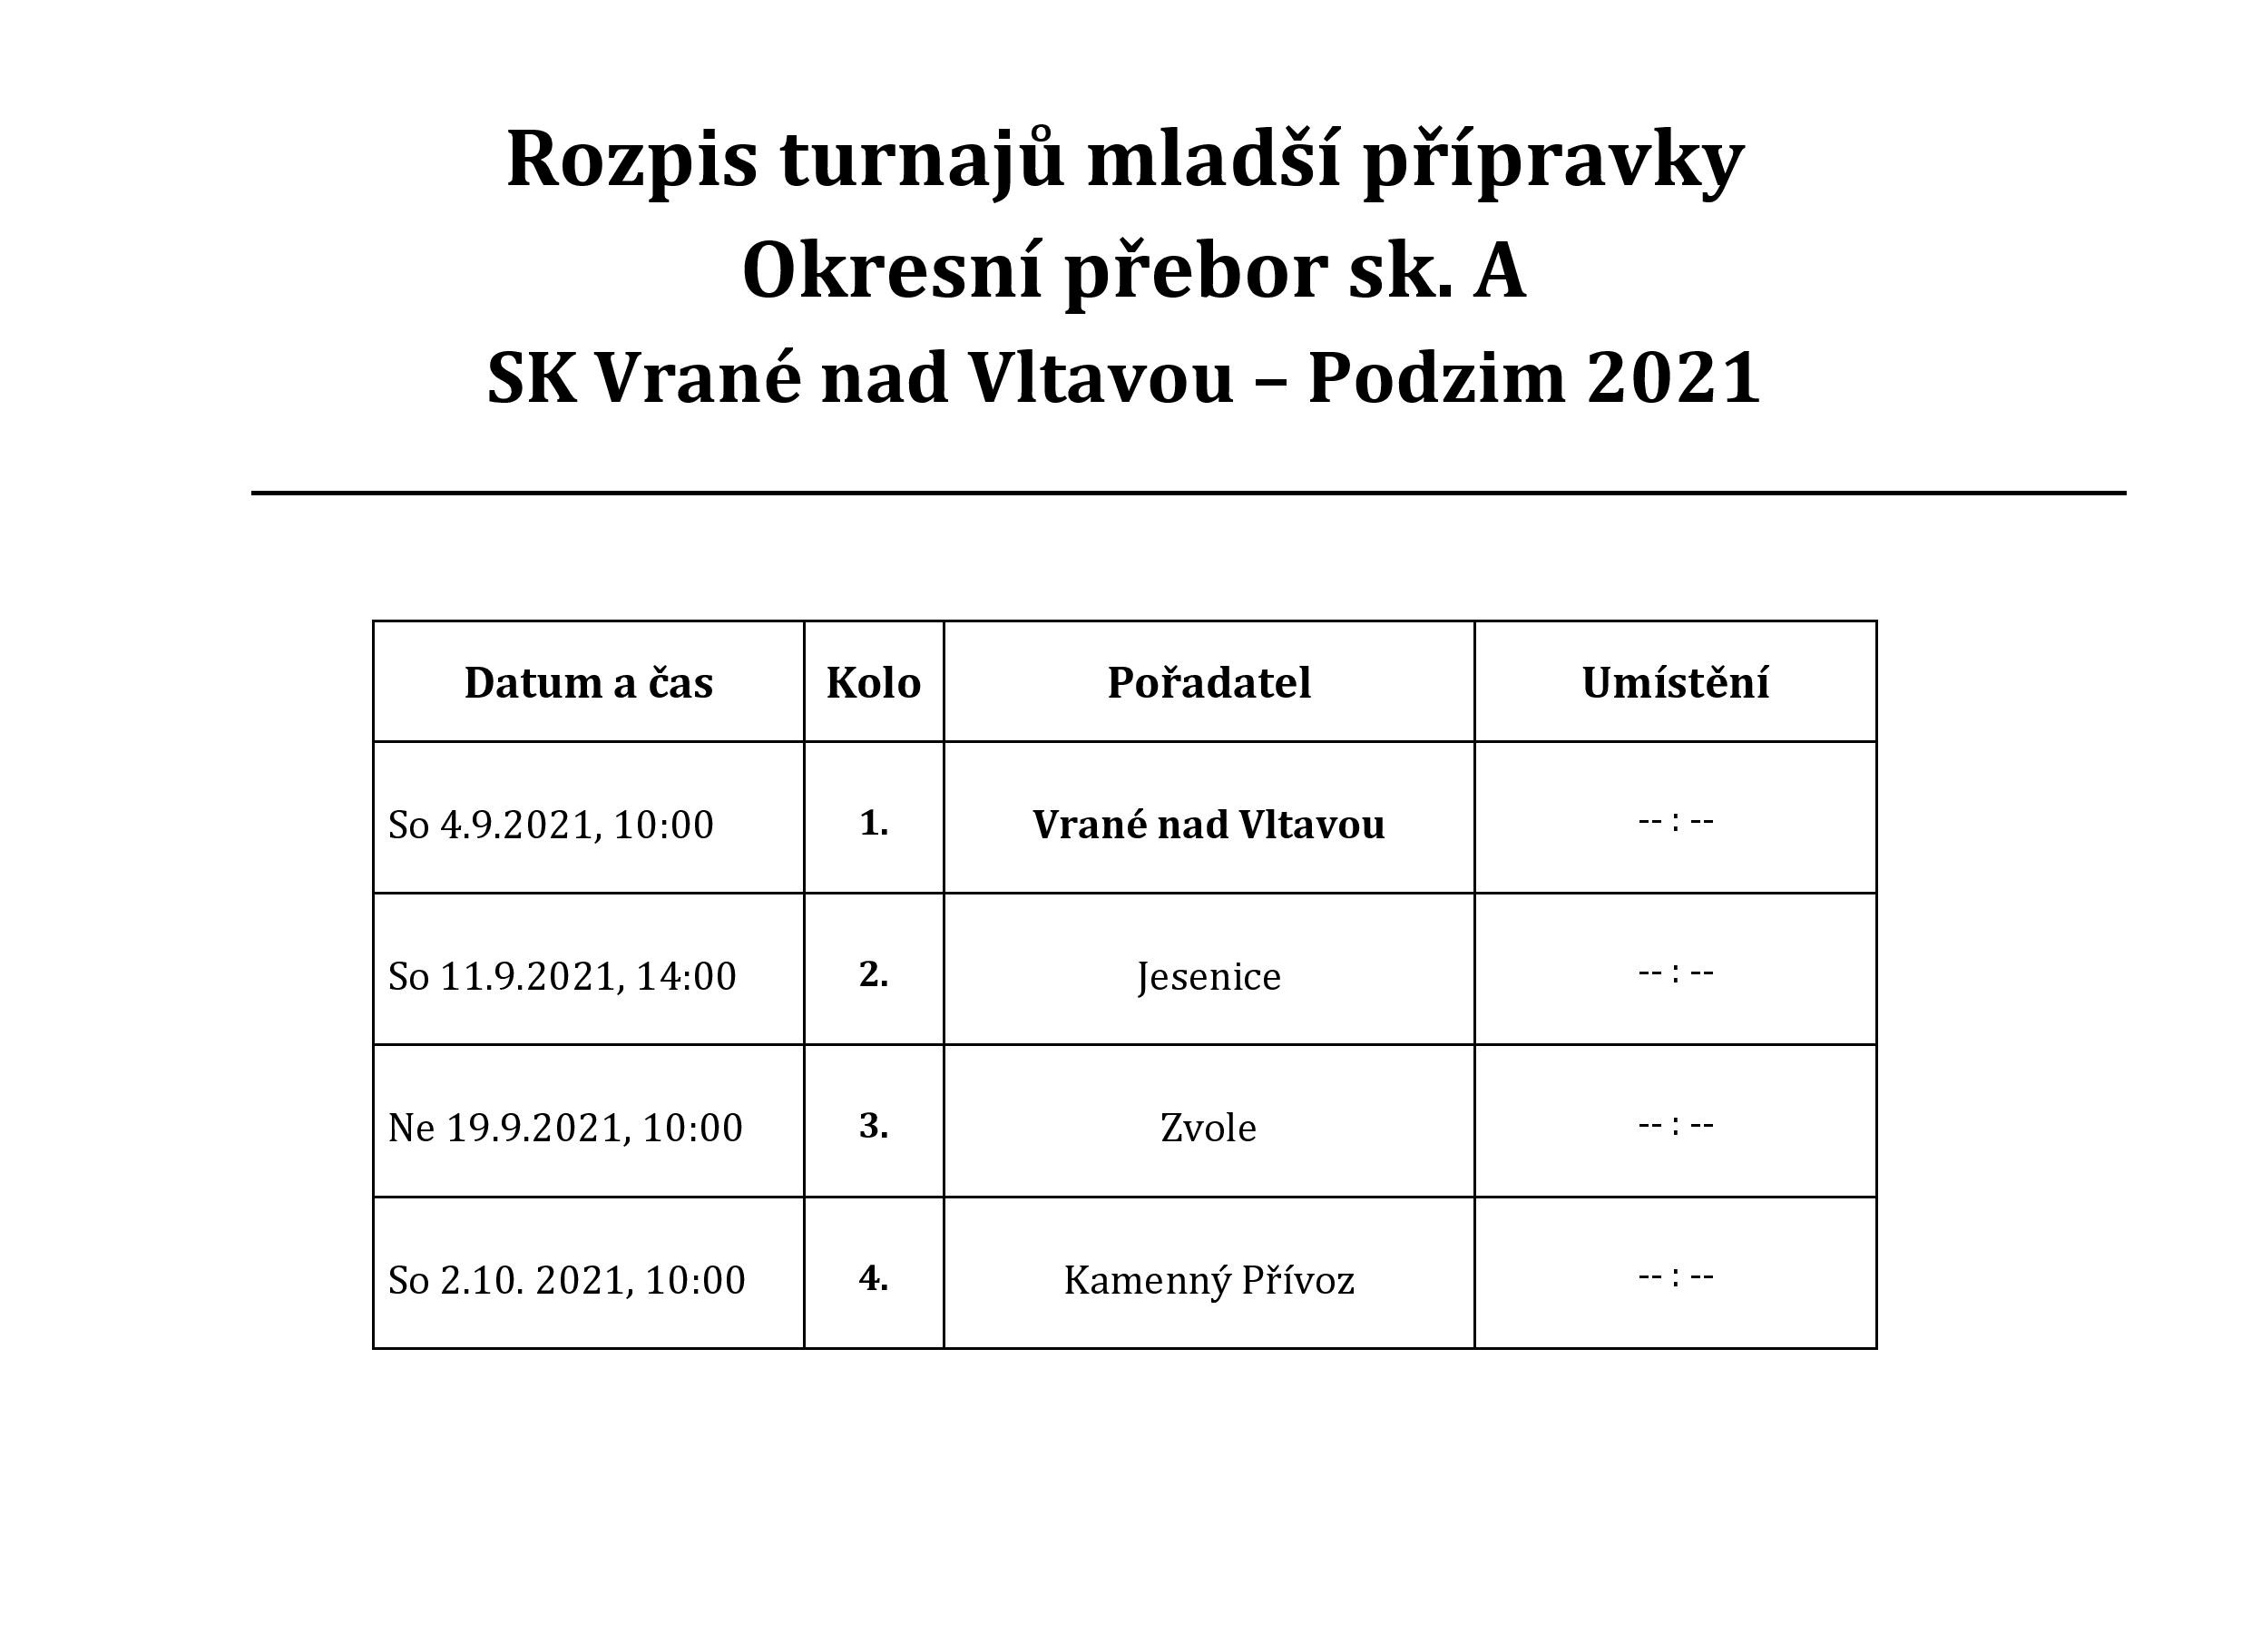 Rozpis zápasů 2021 - ml. přpravka